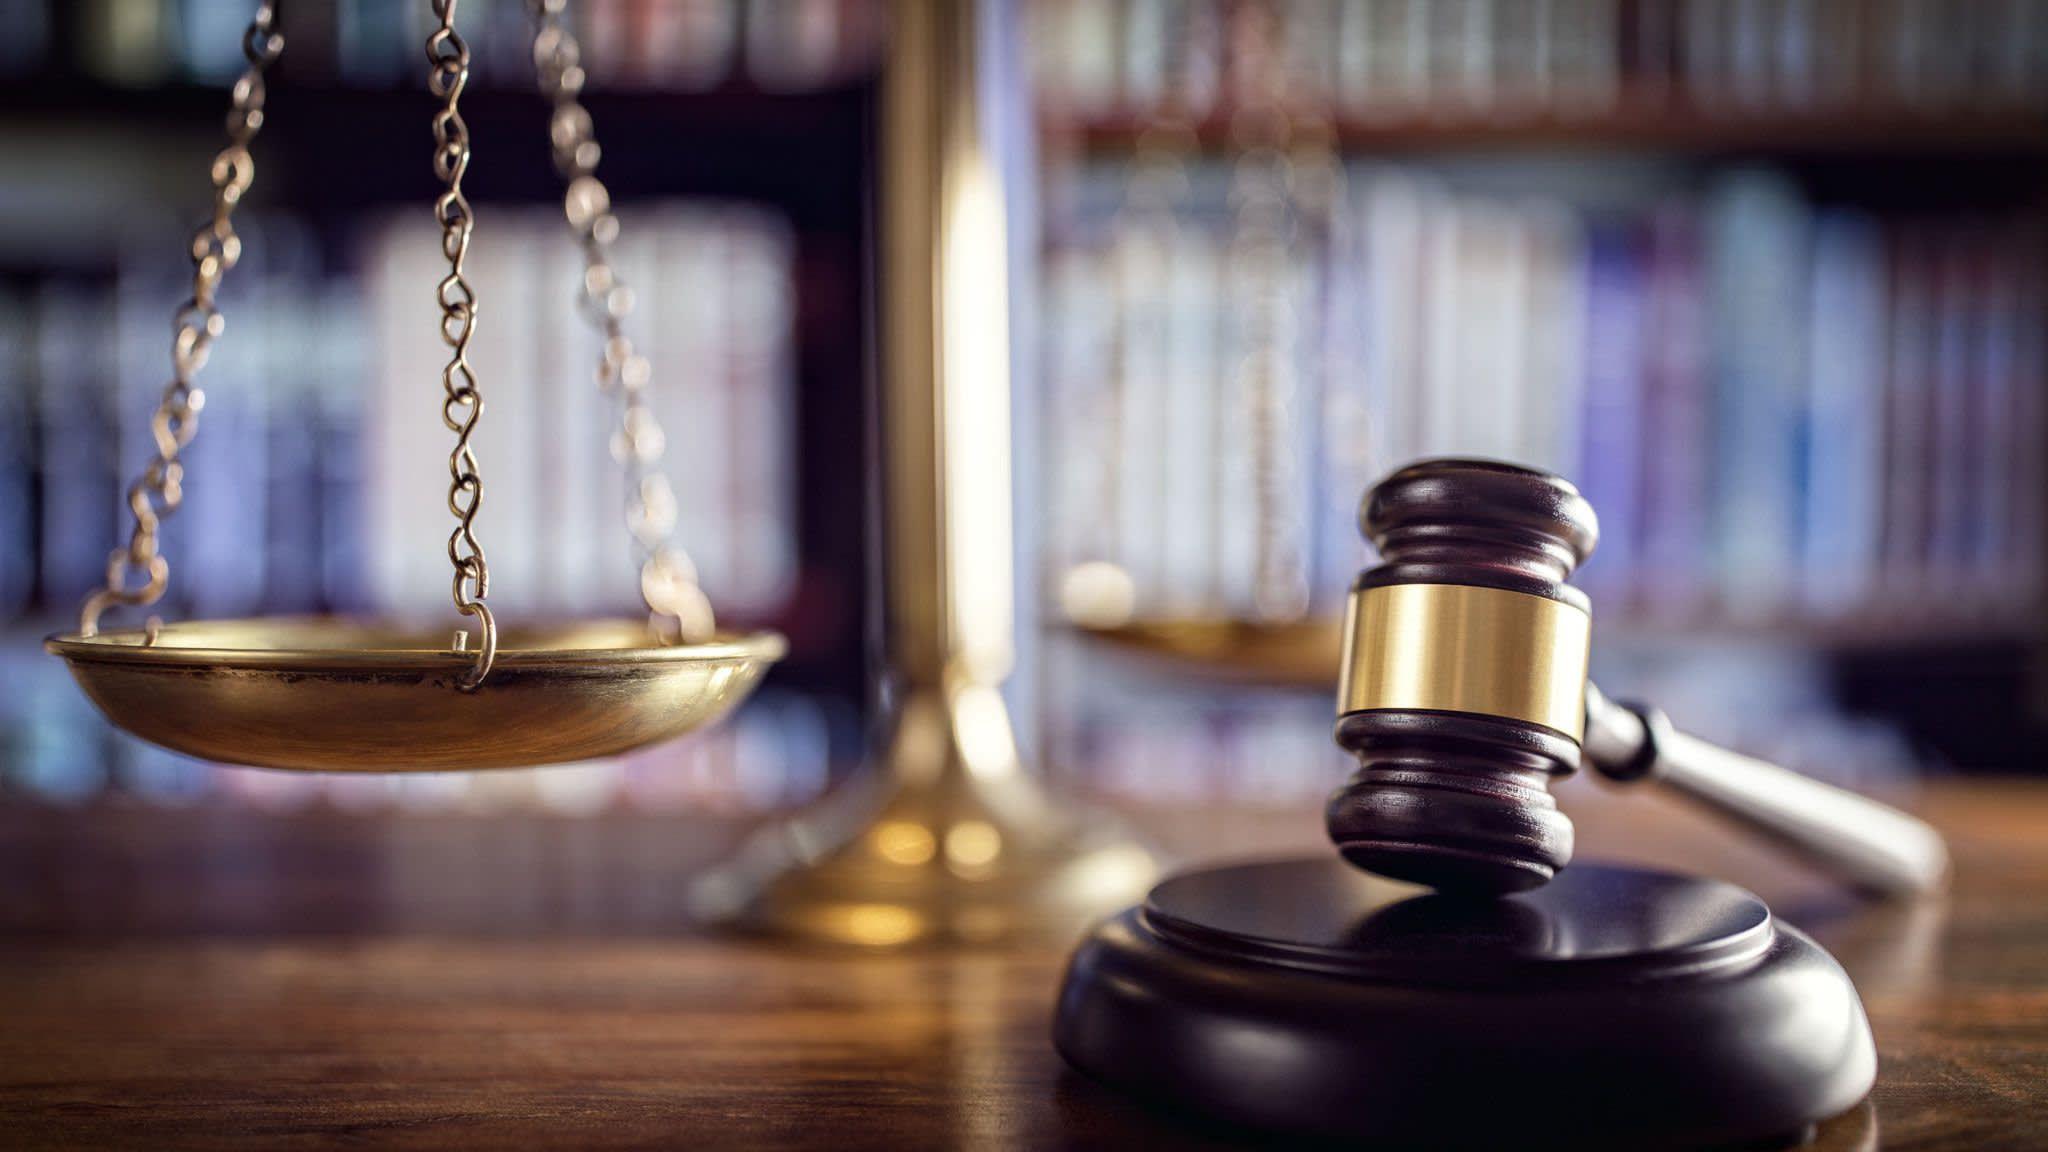 Глава государства попросил парламентариев принять во внимание предложения членов НСОД по адвокатской деятельности